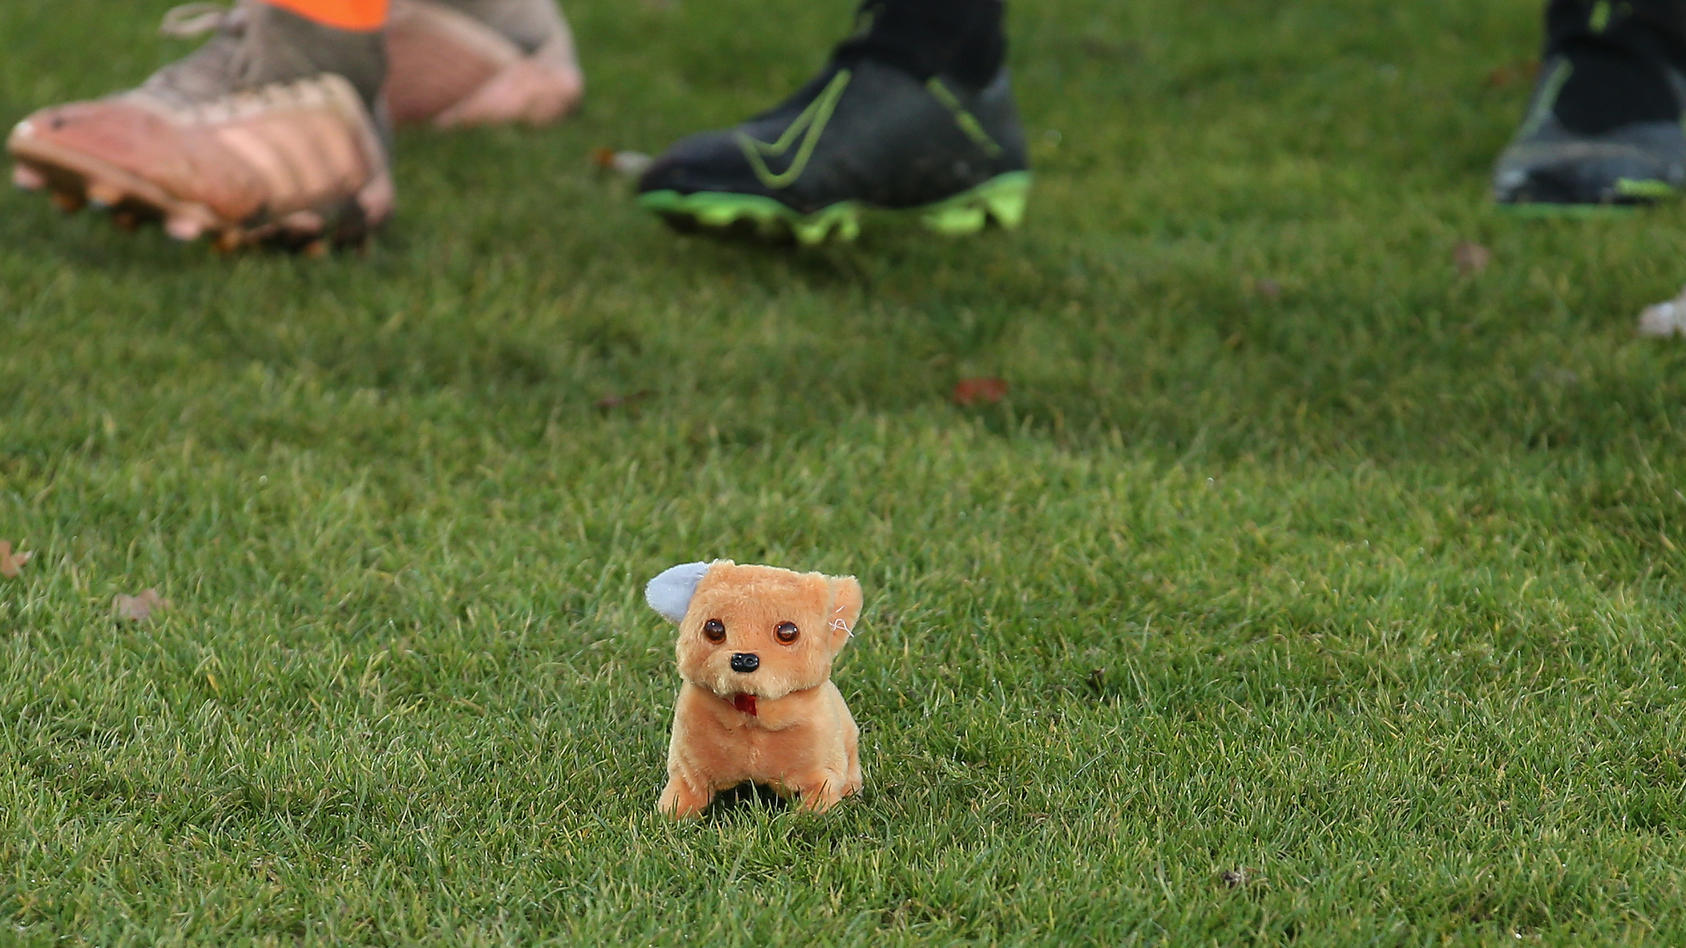 Hundestofftier auf dem Rasen